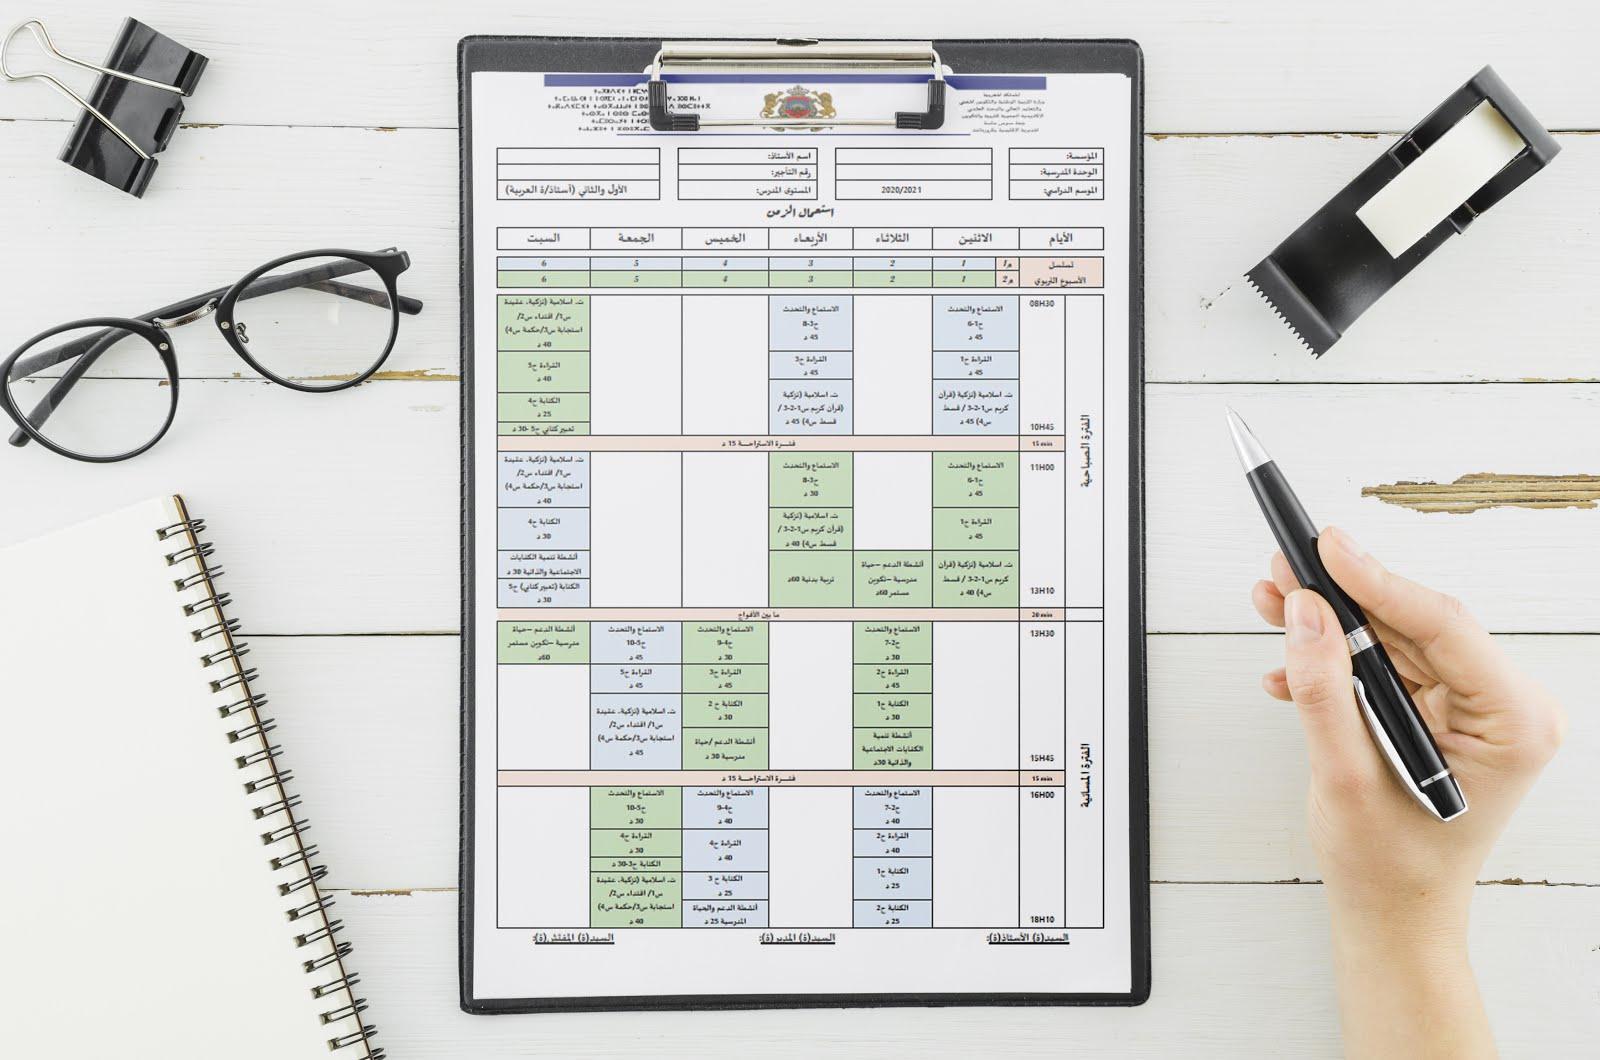 استعمالات الزمن الخاصة بصيغة التناوب لجميع المستويات في رابط واحد pdf و doc لسنة 2020/2021